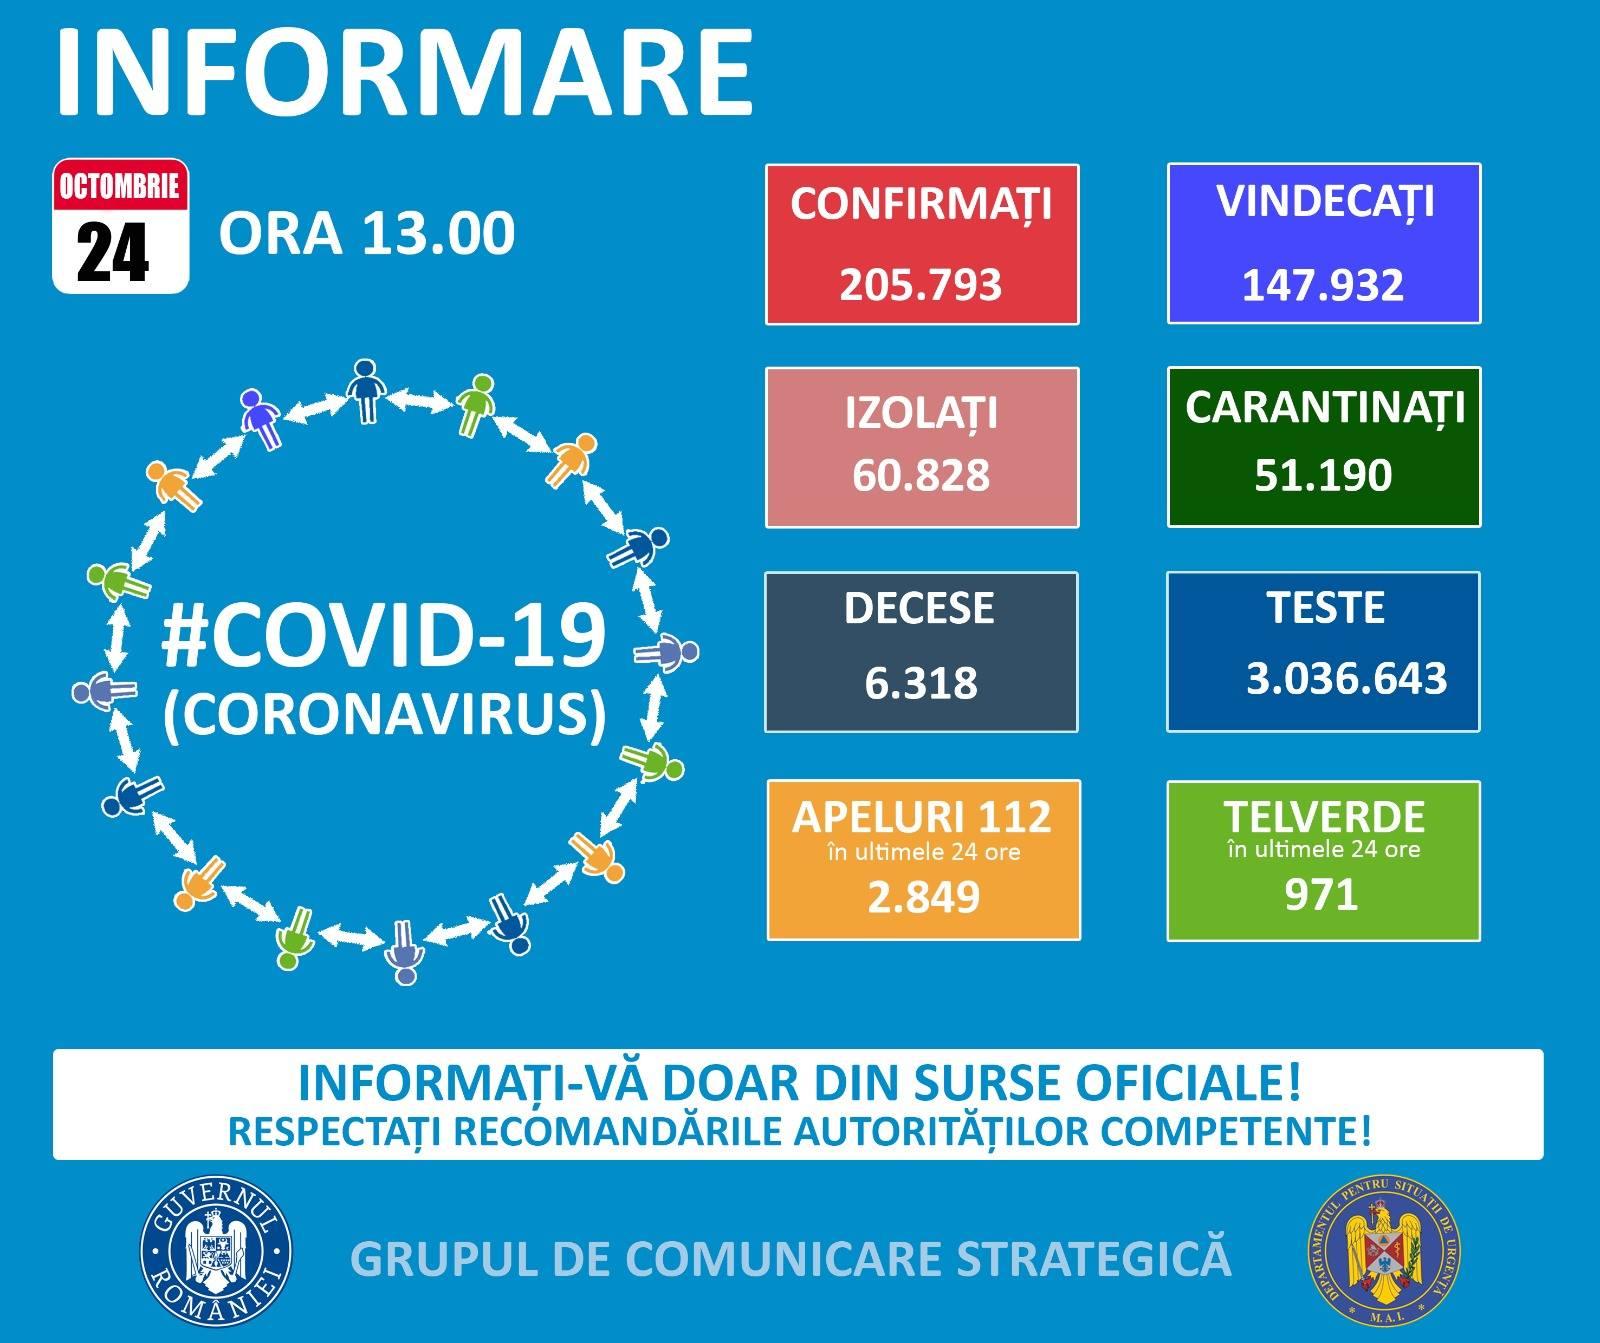 GCS: Fehér, Bukarest, Kolozs és Hargita megye vezetik a fertőzöttségi rangsort 3 ezrelék fölötti aránnyal